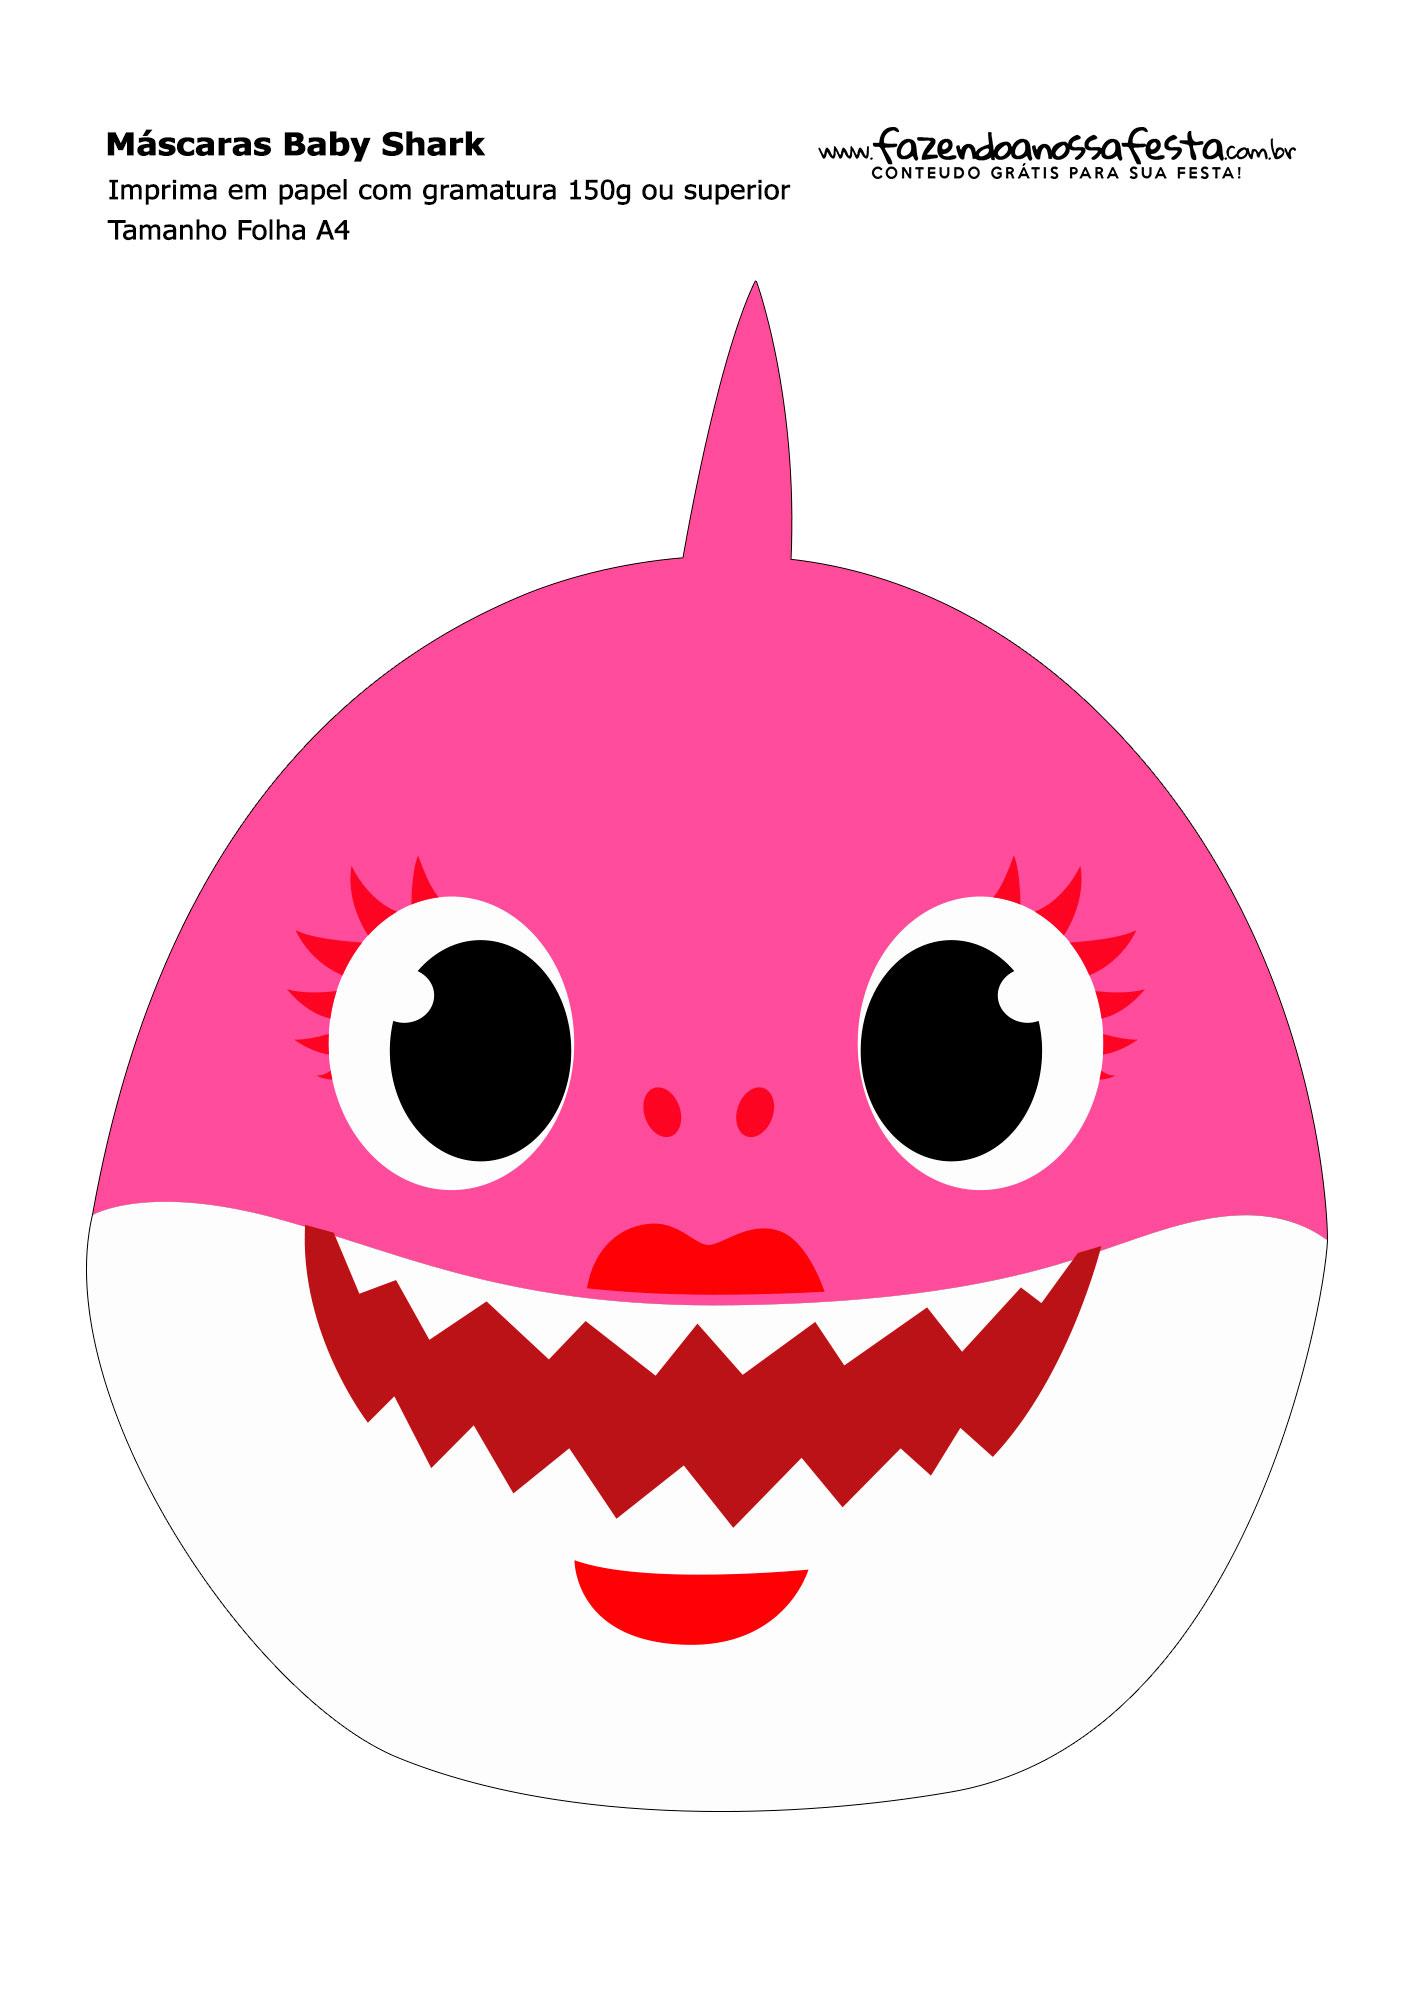 Mascaras Mommy Shark